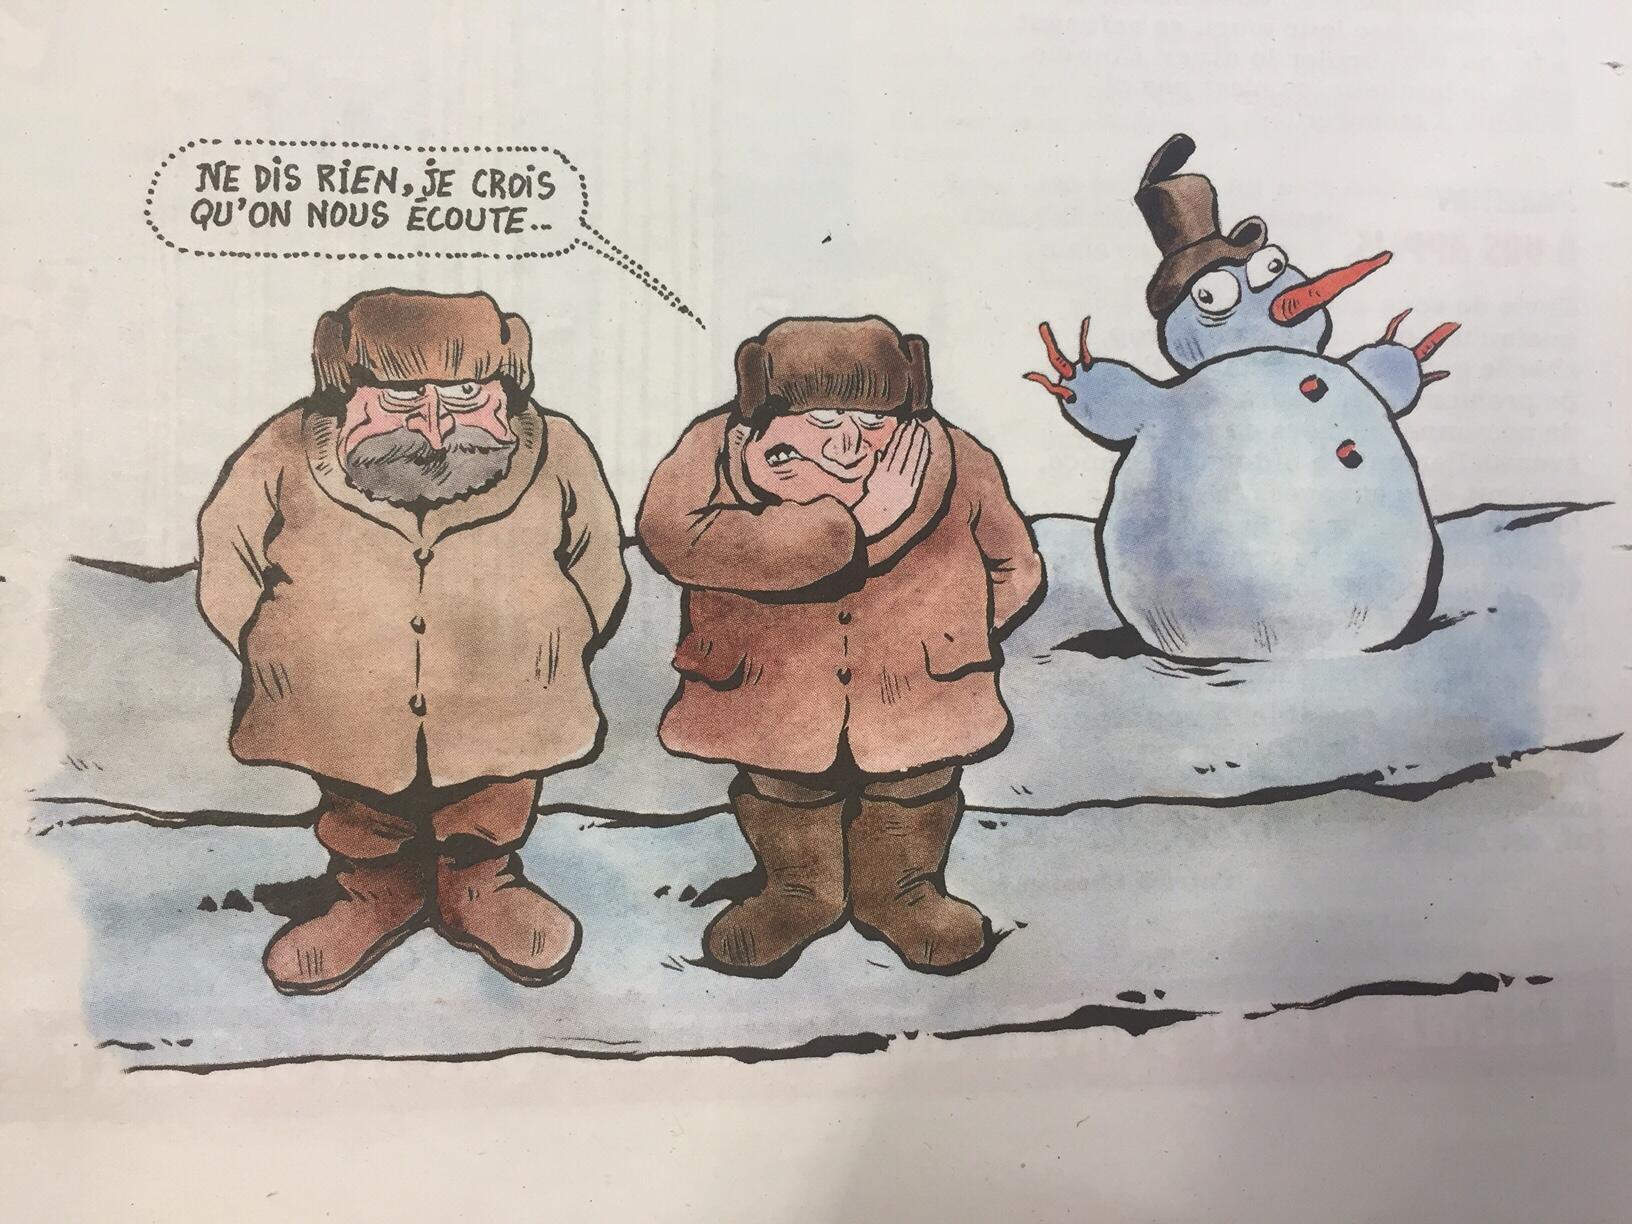 Иллюстрация к тексту Егора Грана в «Шарли Эбдо» от 6 апреля 2016 года: «Ничего не говори, мне кажется, нас слушают».